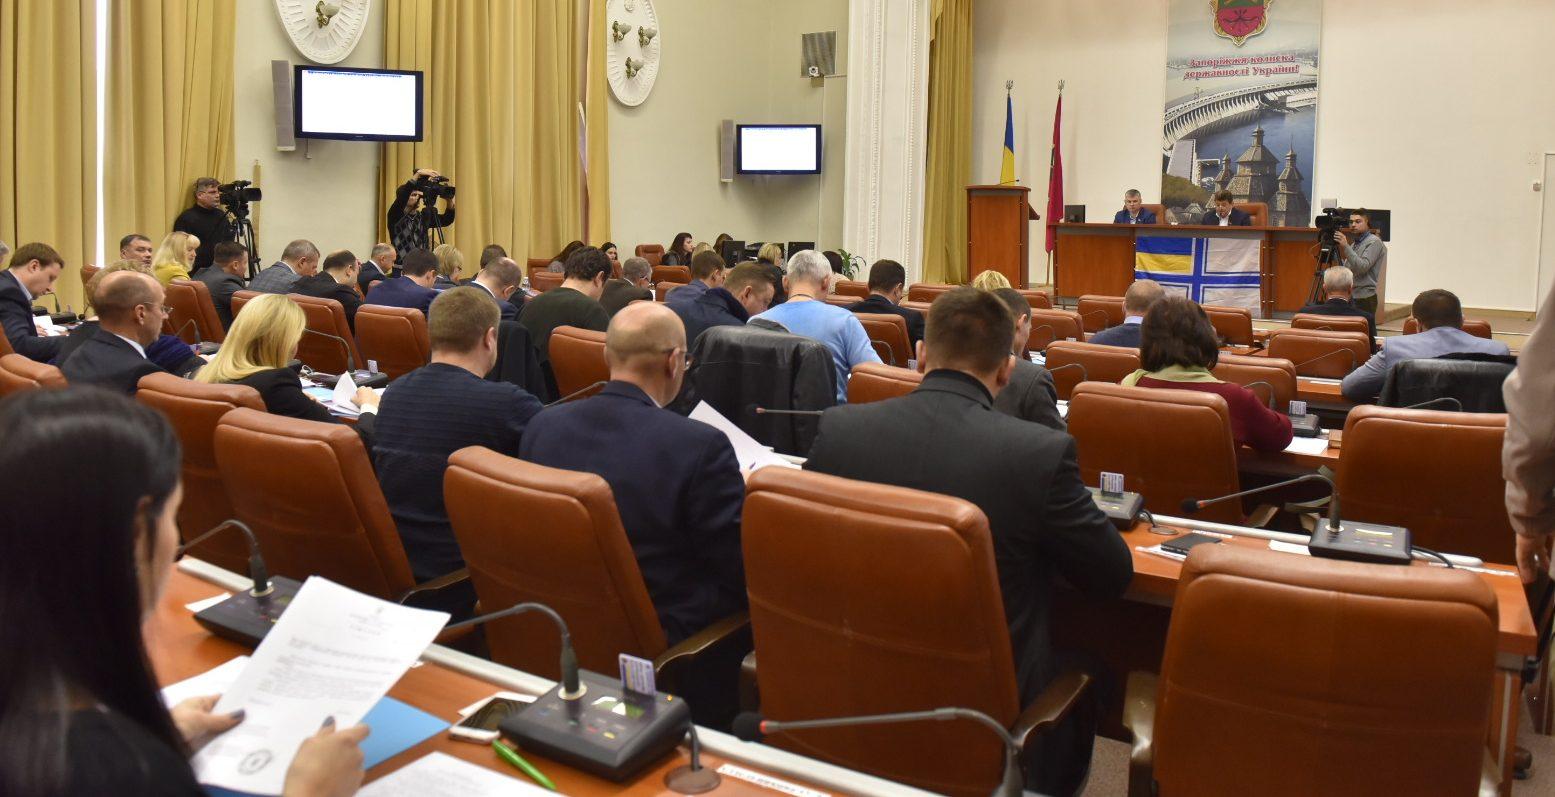 Запорожские депутаты выделили деньги на проценты по «теплым кредитам» – Индустриалка